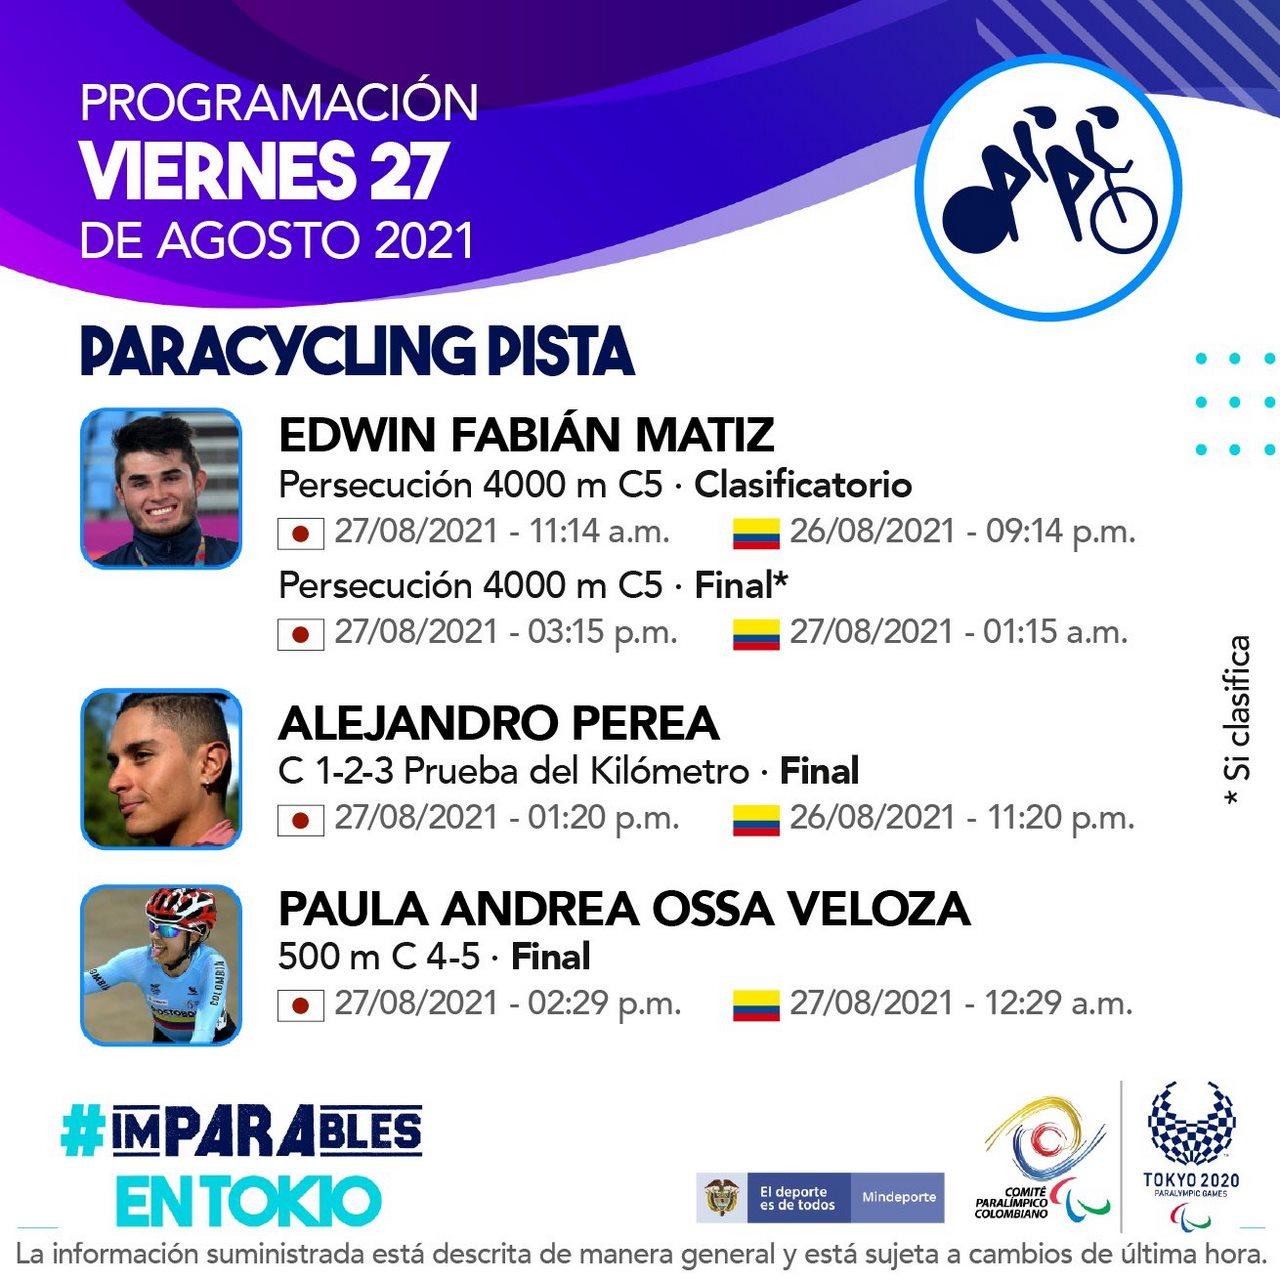 Programacion de los deportistas colombianos para tercera jornada Juegos Paralimpicos 8